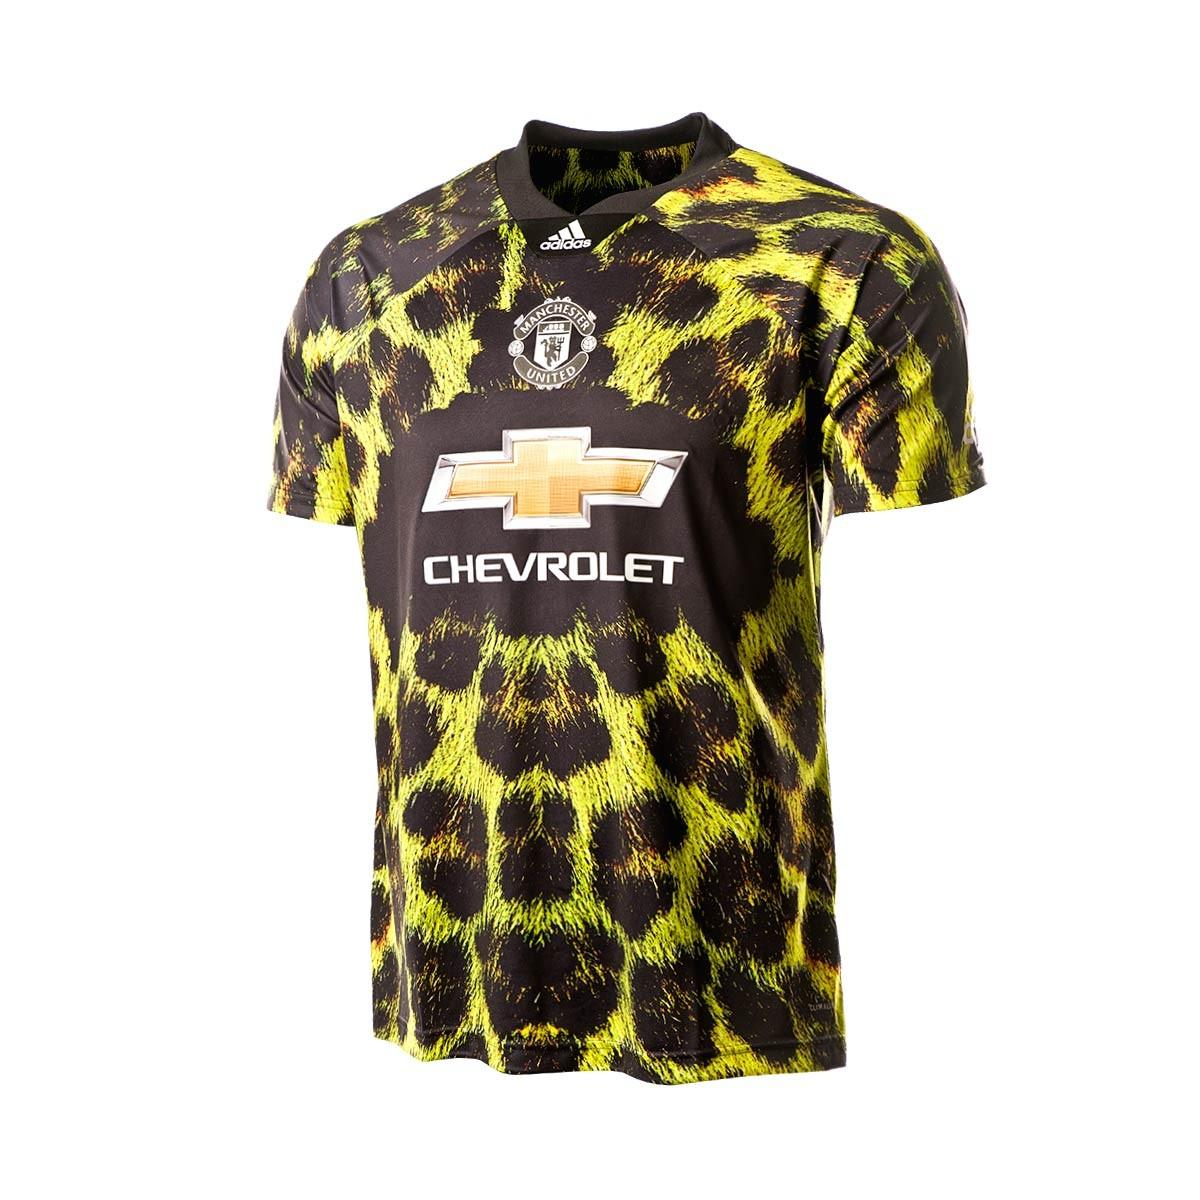 cc1c9f4c Playera adidas Manchester United FC EA 2018-2019 Amarillo-Negro - Tienda de  fútbol Fútbol Emotion